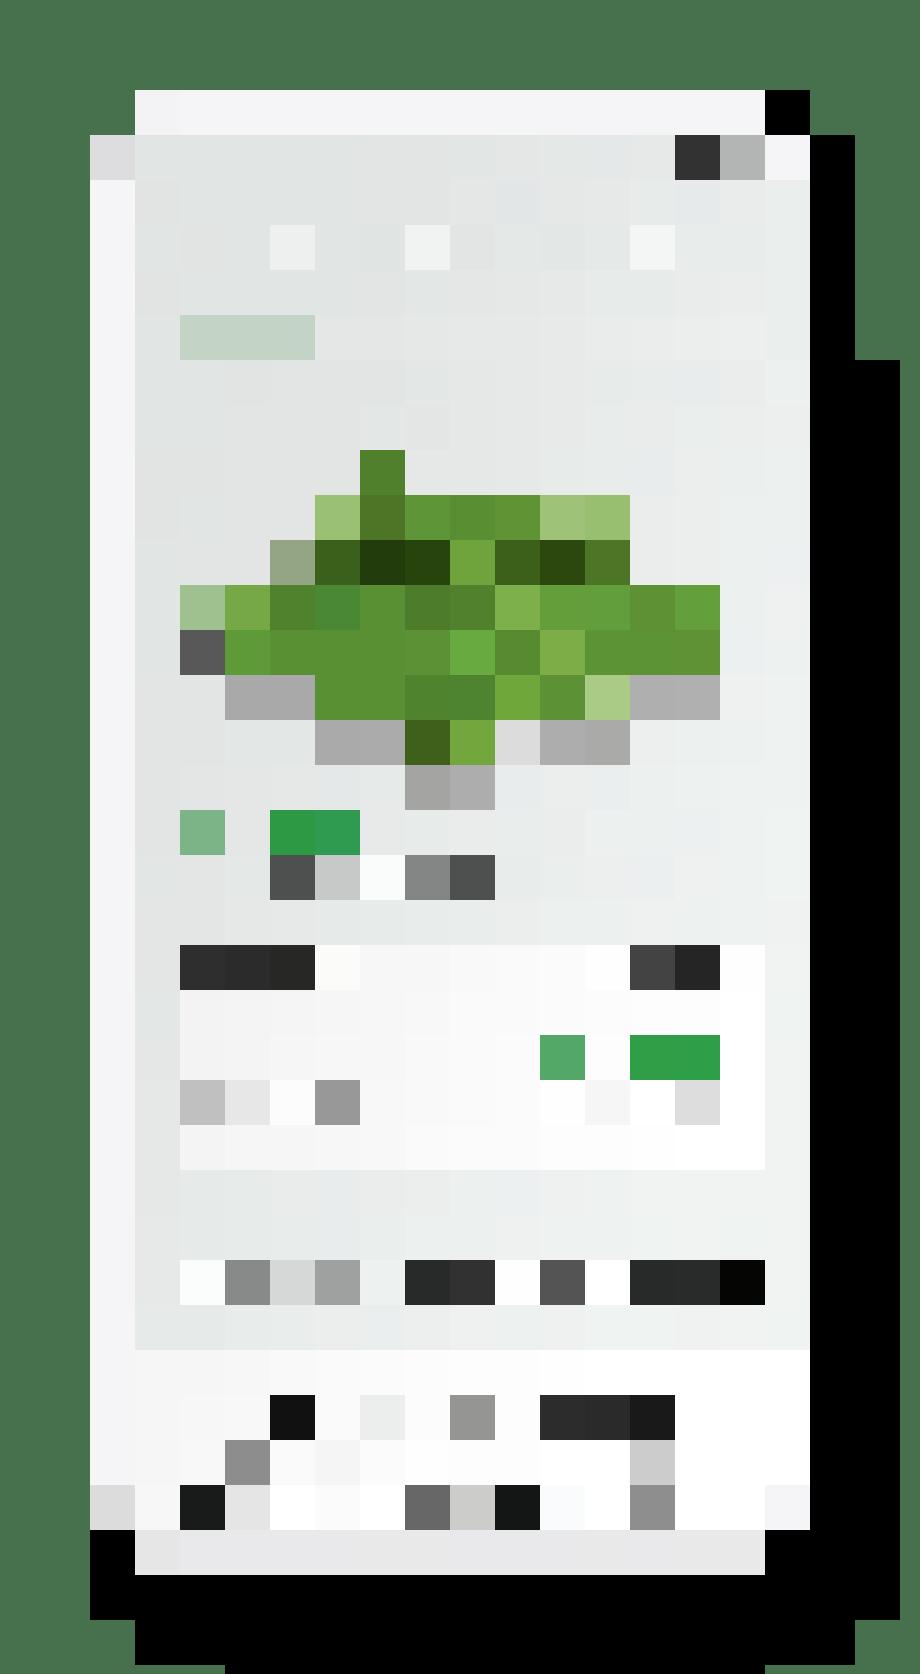 Für jede 100 Franken, die Sie mit Ihrer Kreditkarte (oder Mastercard) ausgeben, pflanzt neon green einen Baum.